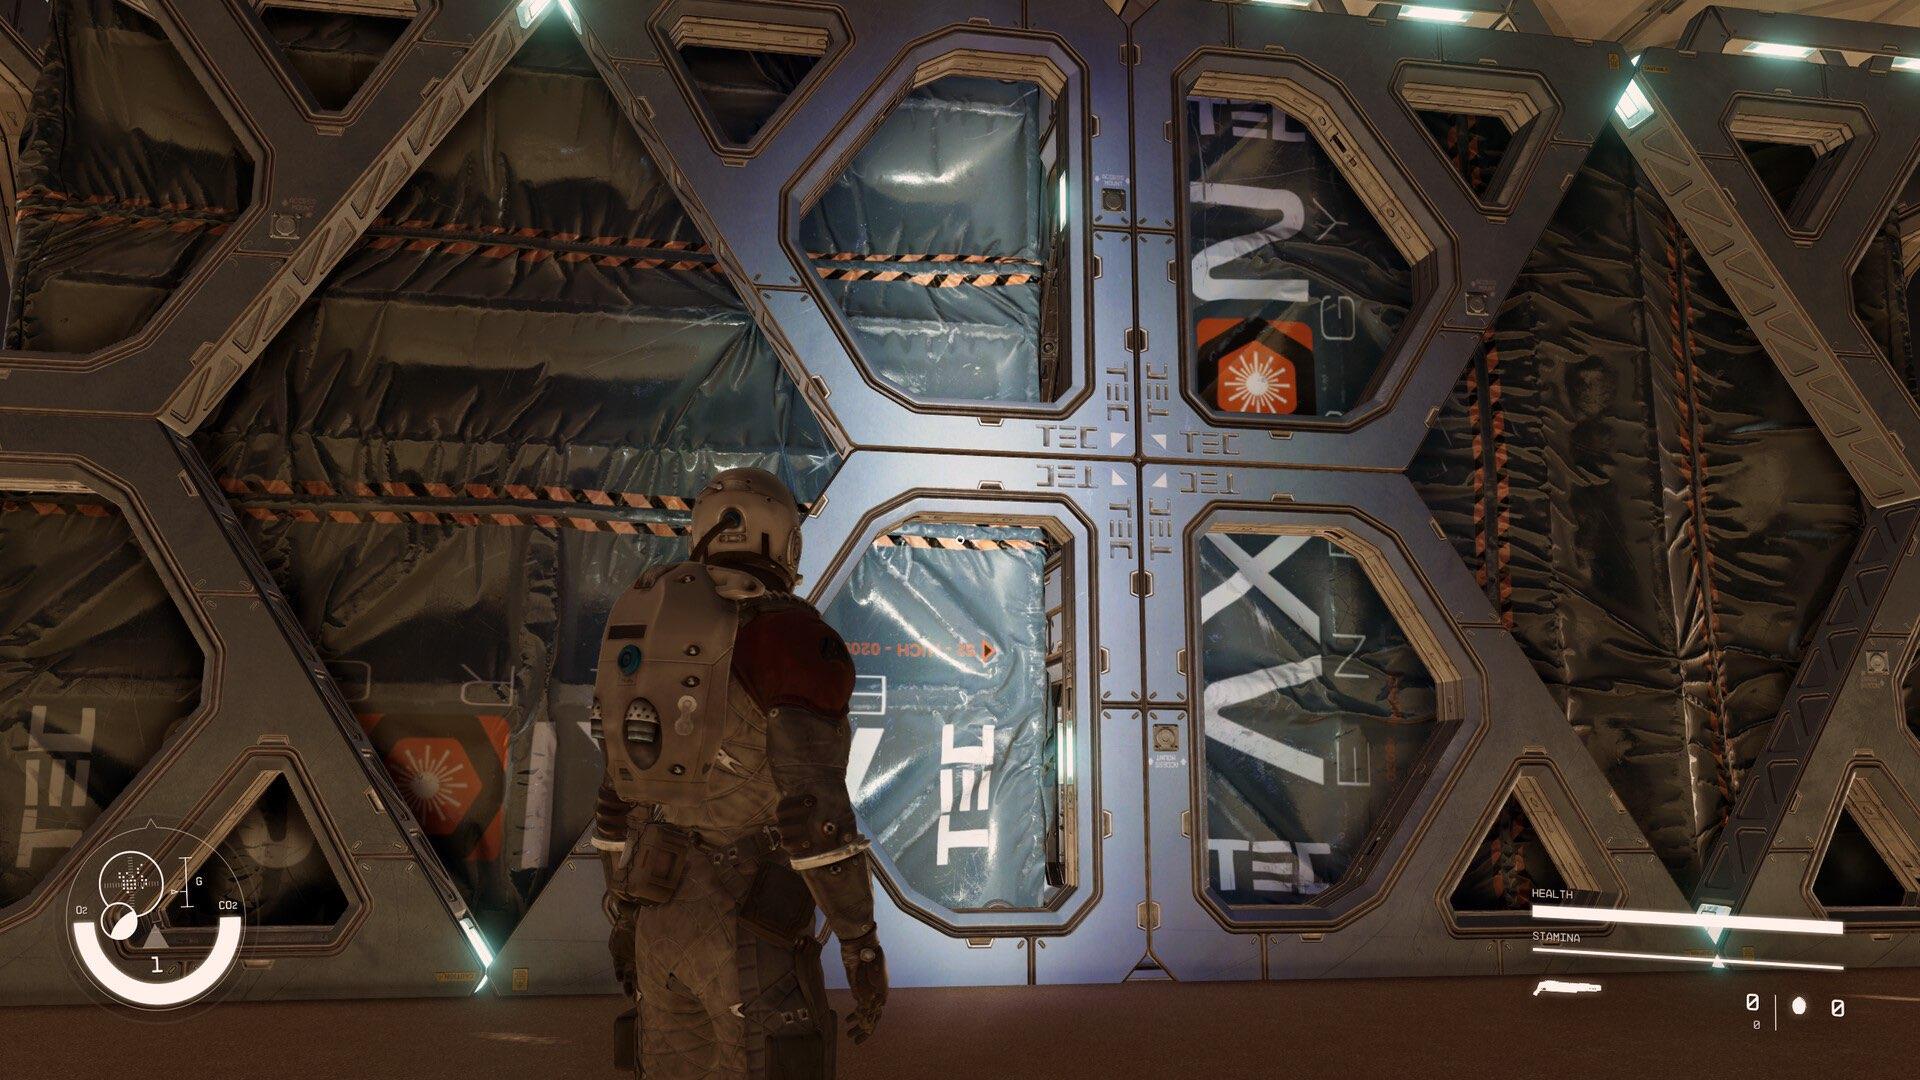 Джефф Грабб заявил, что Starfield станет эксклюзивом PC и Xbox